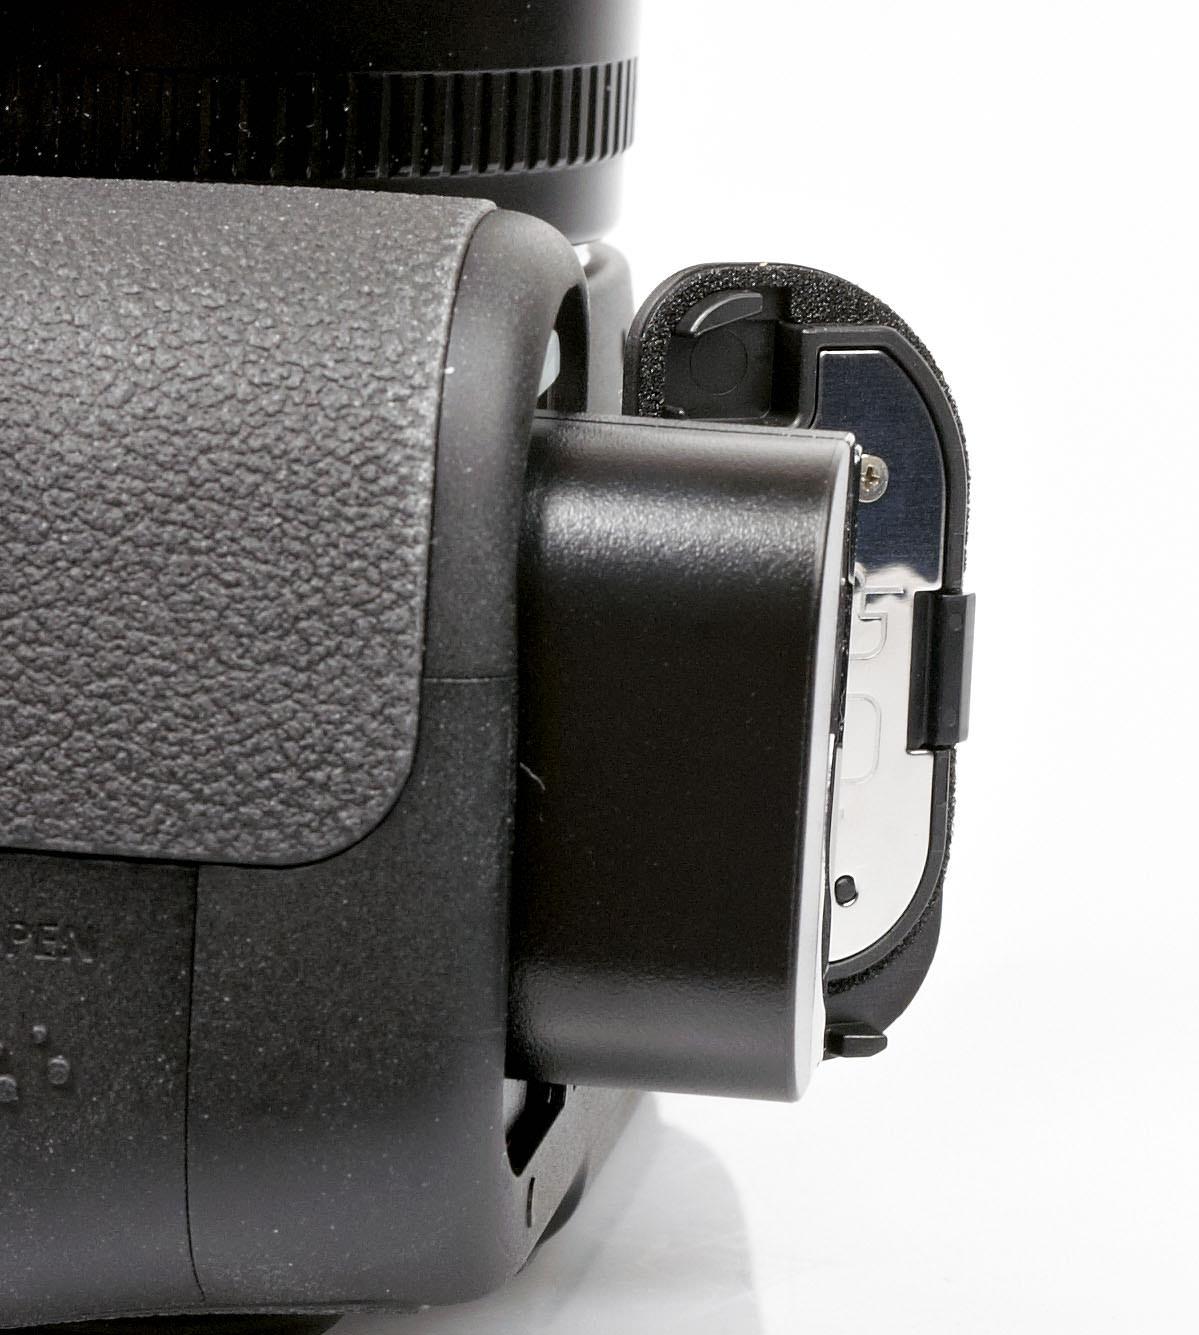 Canon EOS 60D Digital SLR Review | ePHOTOzine